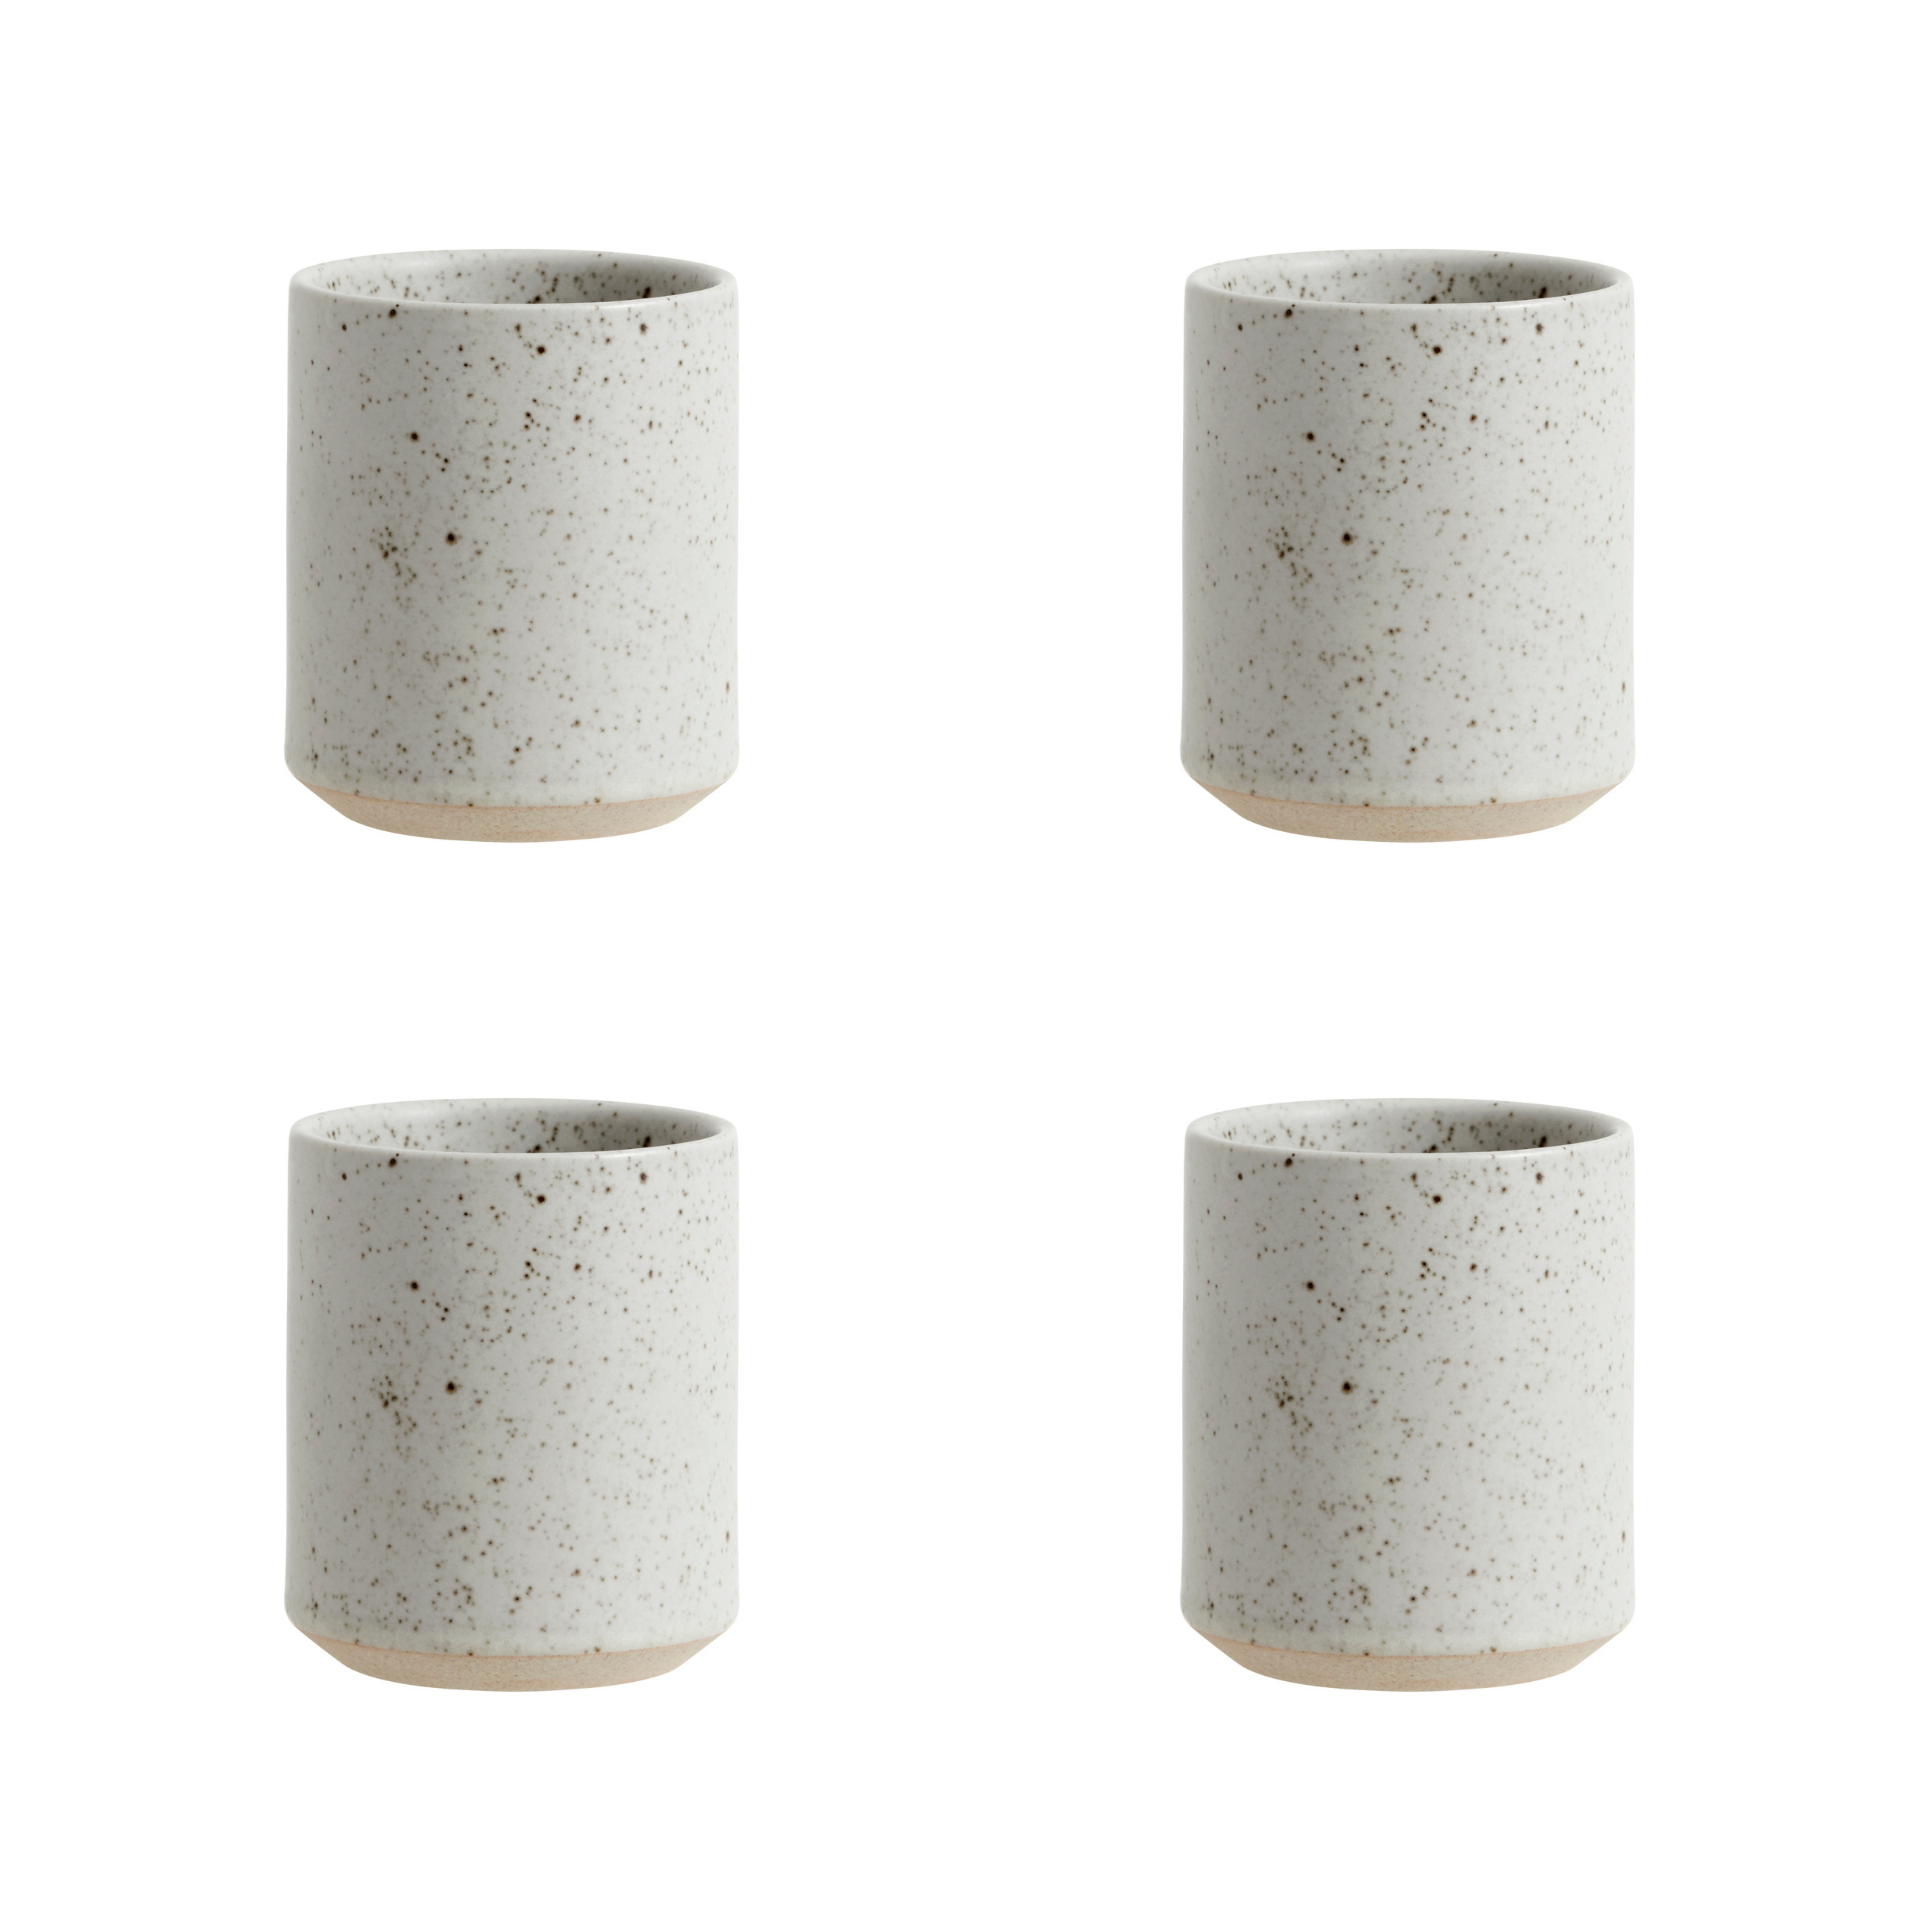 Nordal Grainy beker - zandkleur - set van 4